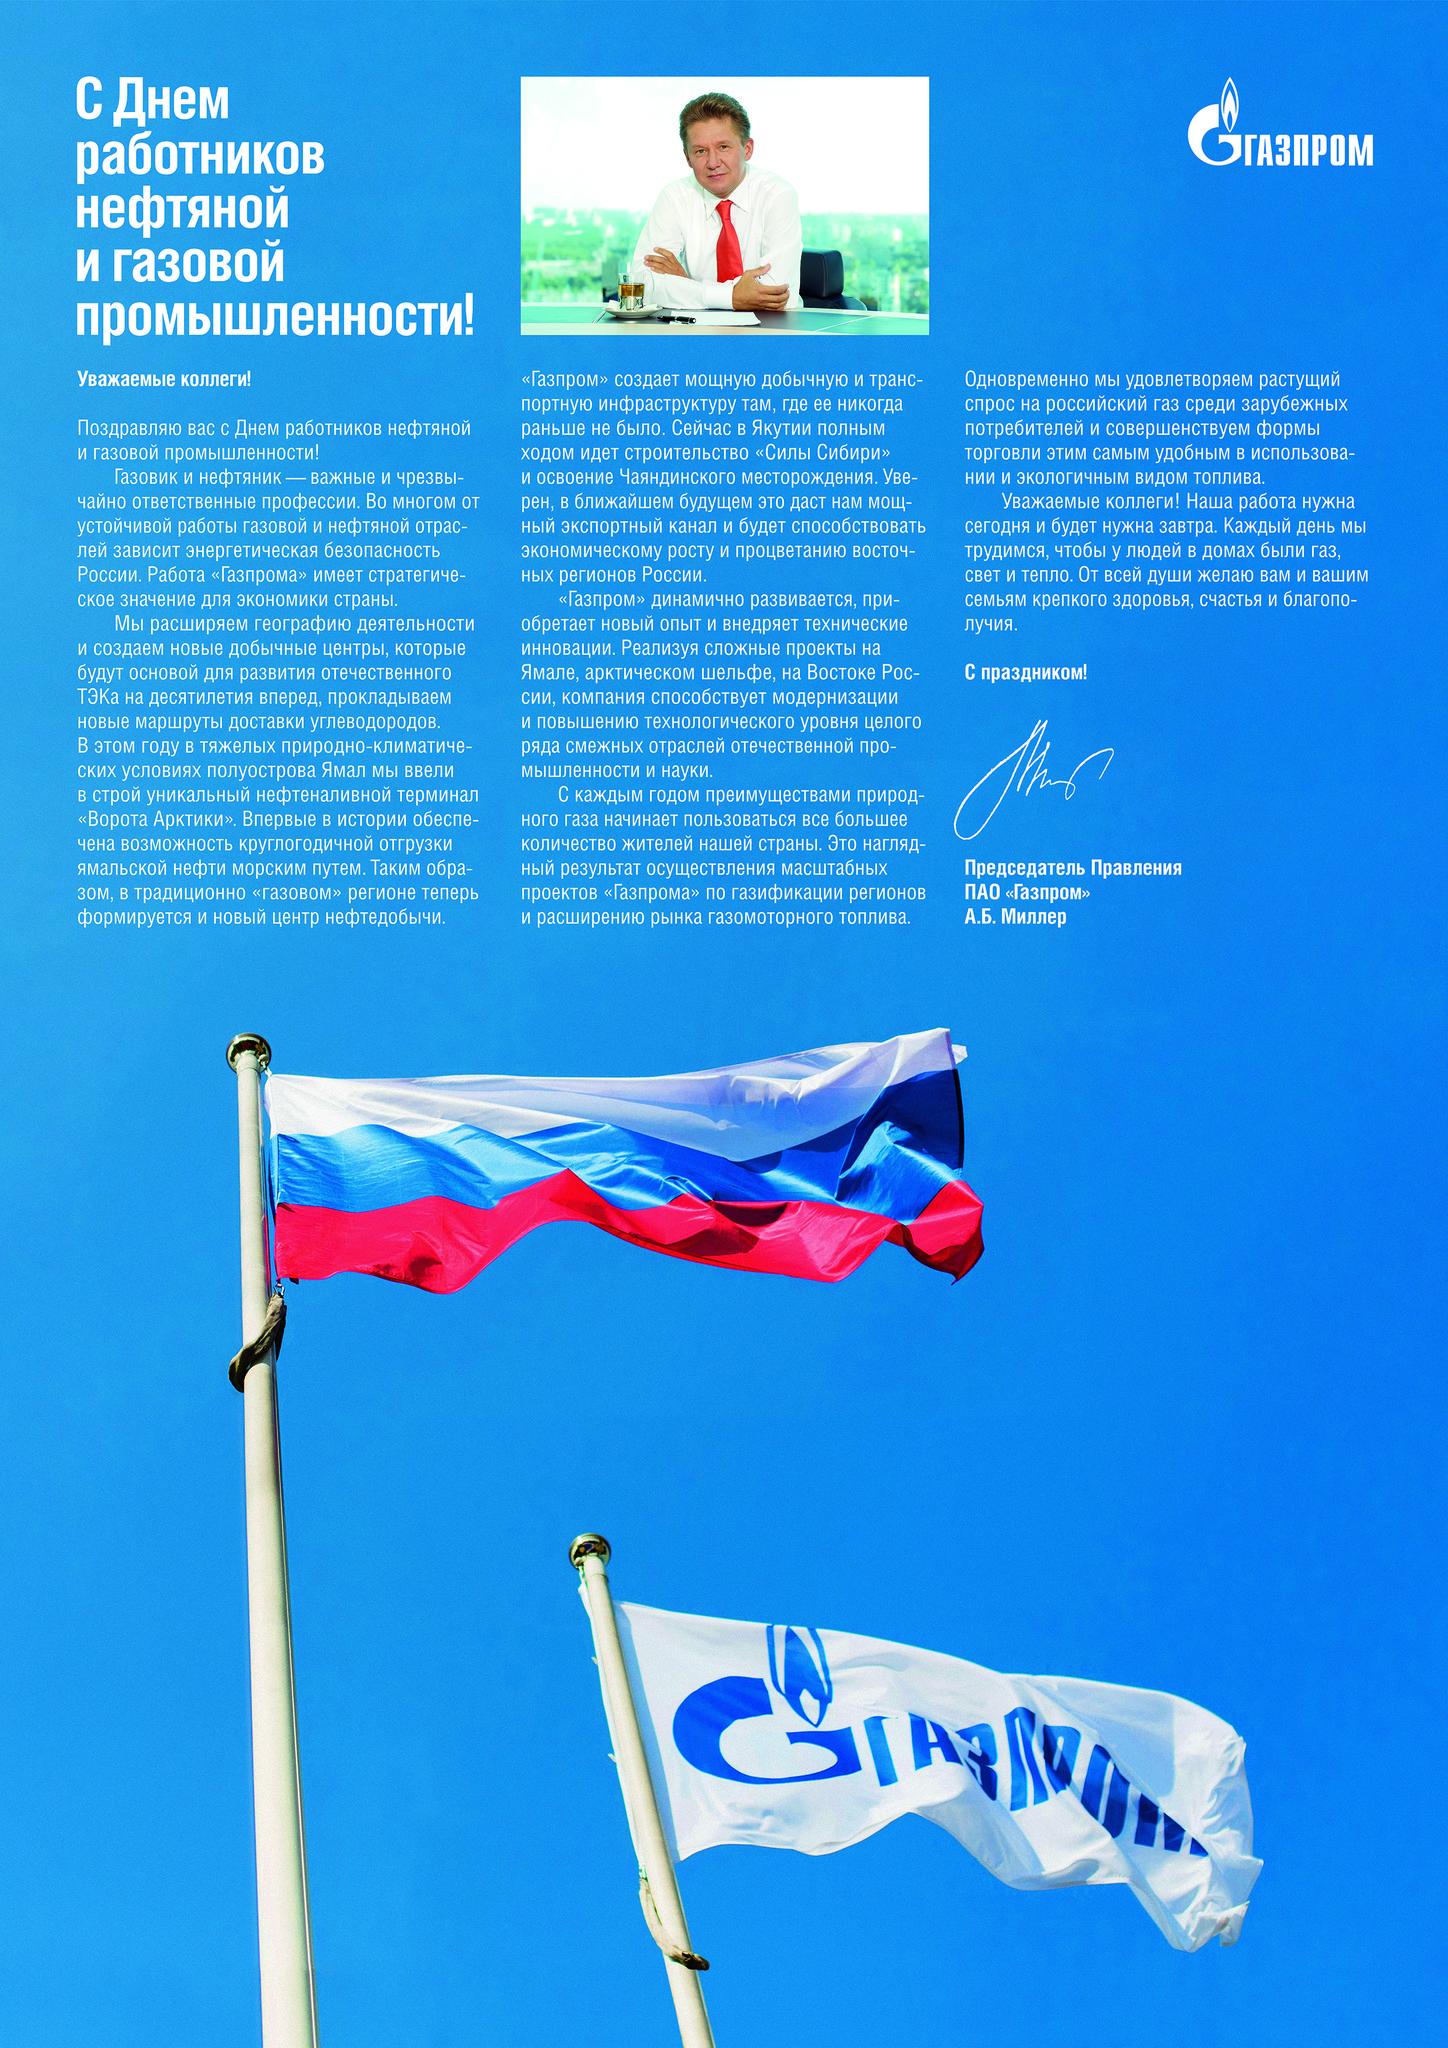 Поздравление газовикам газпром